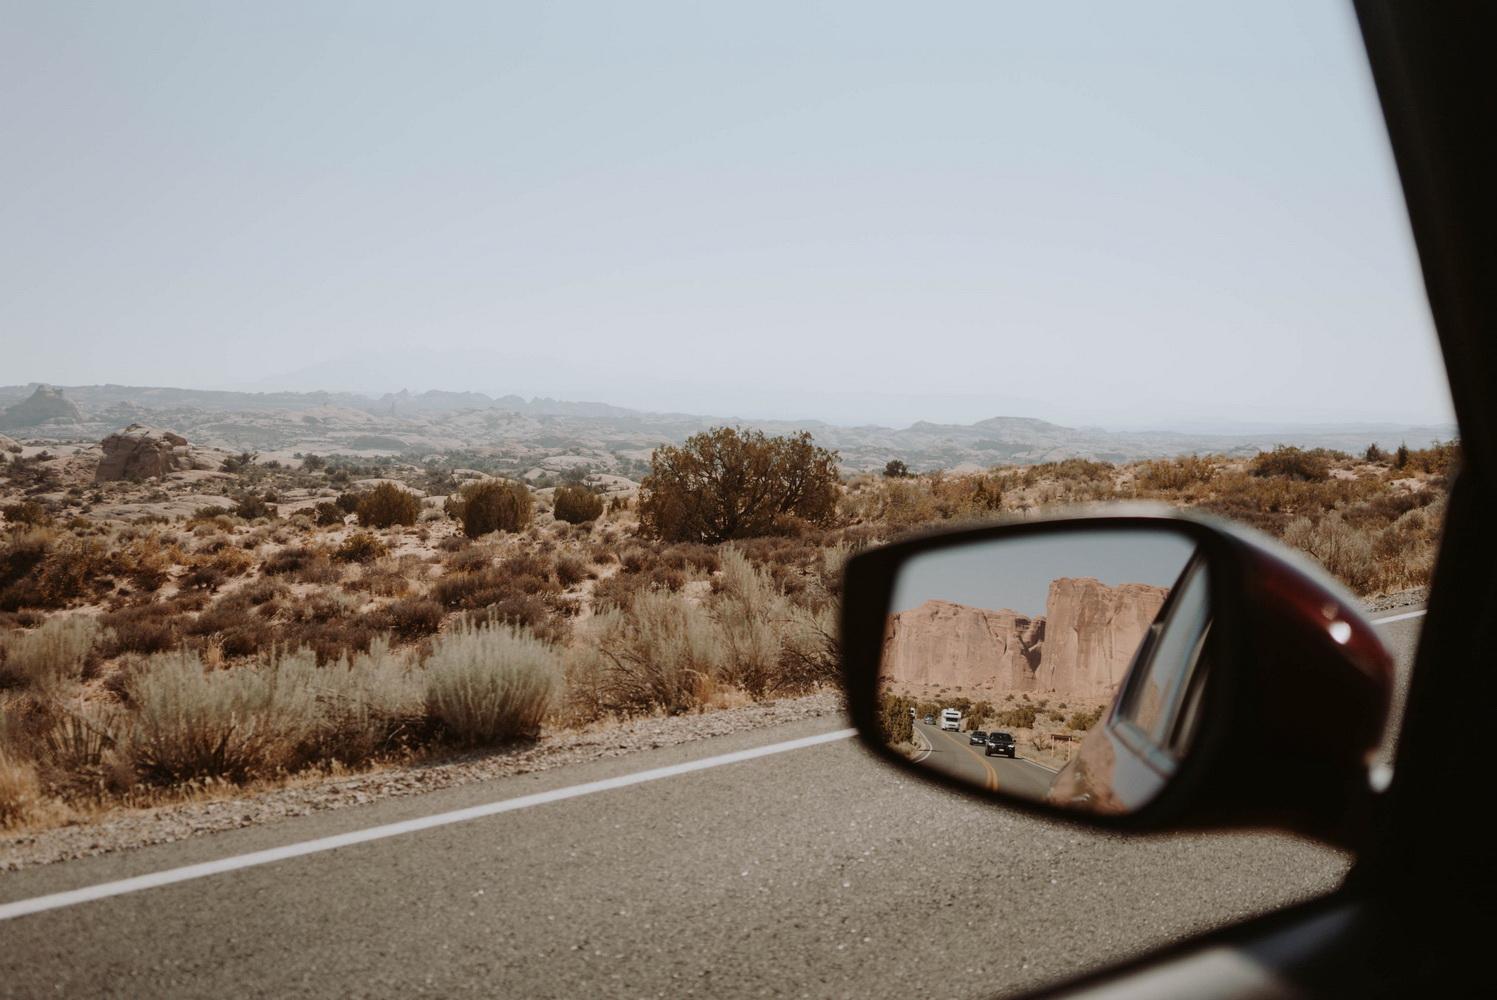 圖/研究人員發現,打開車窗透過進風能產生空氣流動,能減少車艙內空氣中的浮質。照片來源:(攝影師:Dziana Hasanbekava,連結:Pexels)